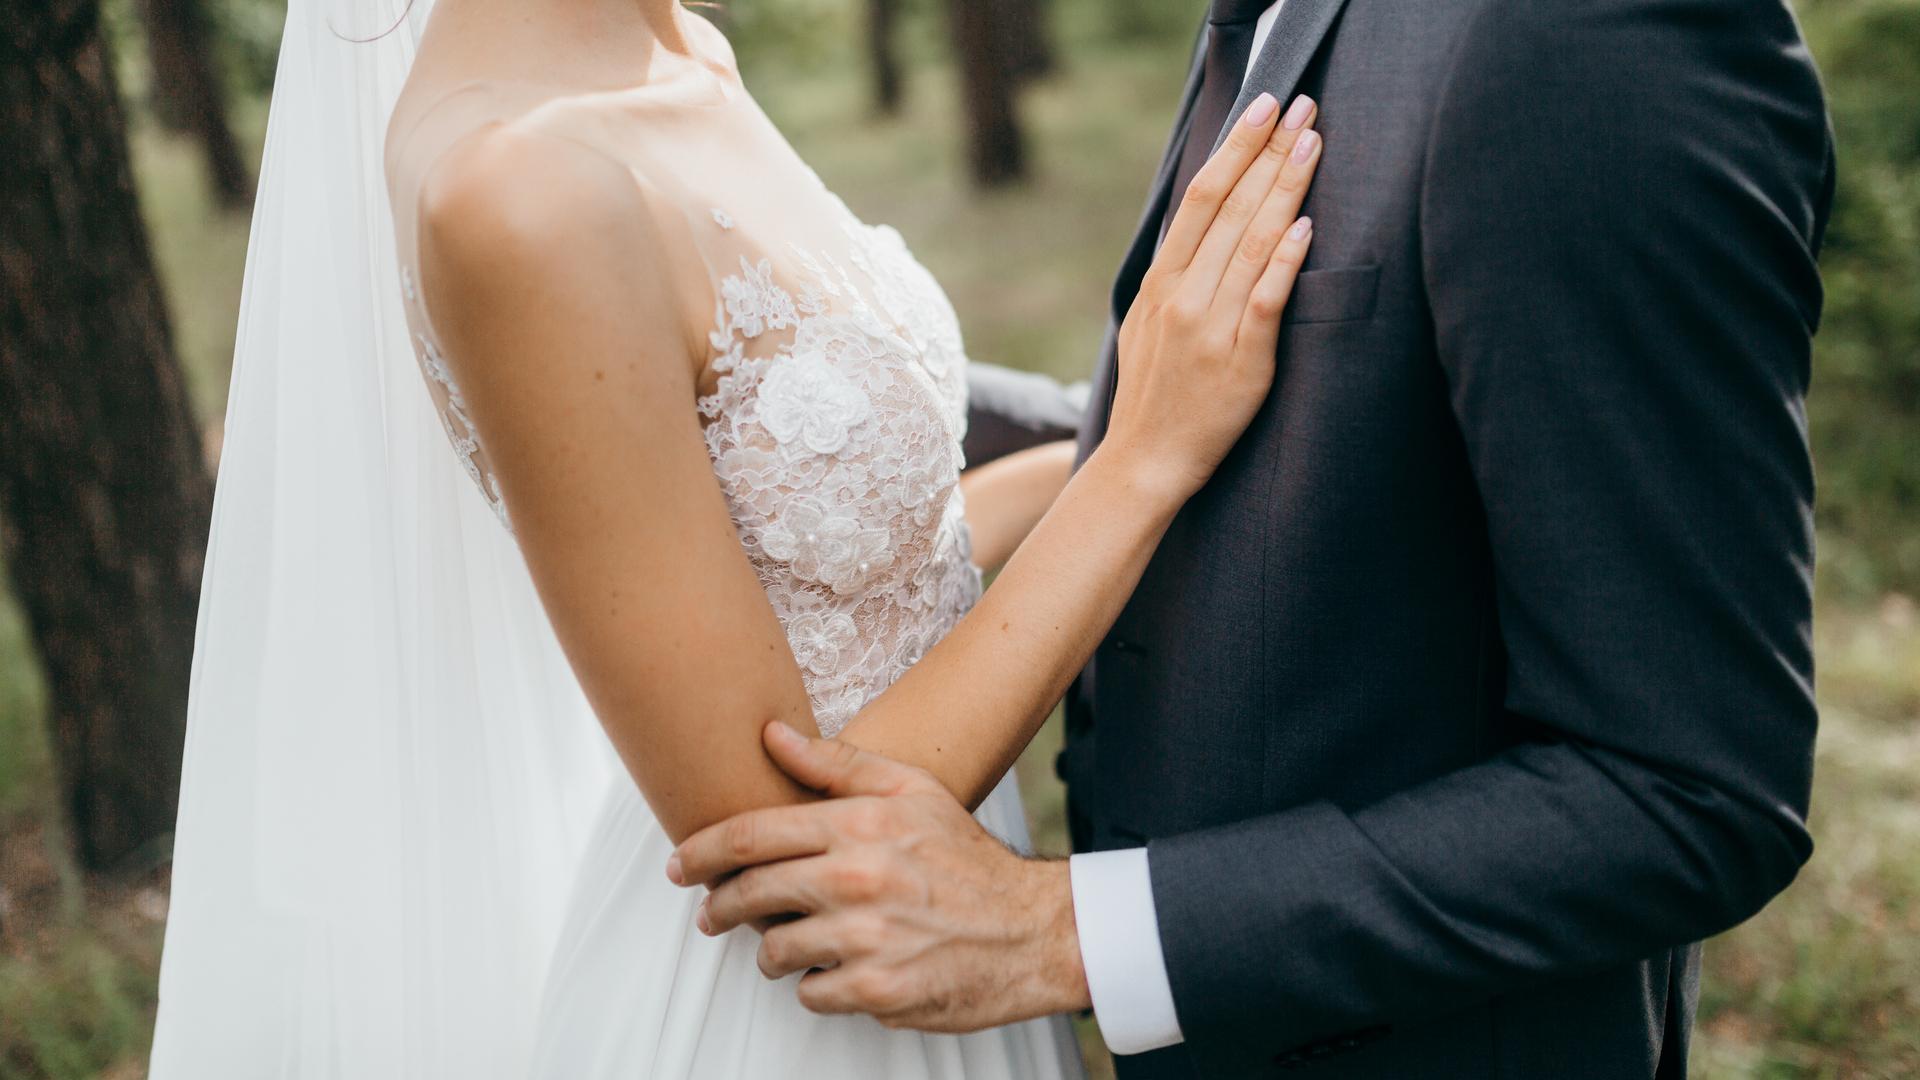 プロポーズ後でも安心できない?「婚約破棄」の本当の理由5つ